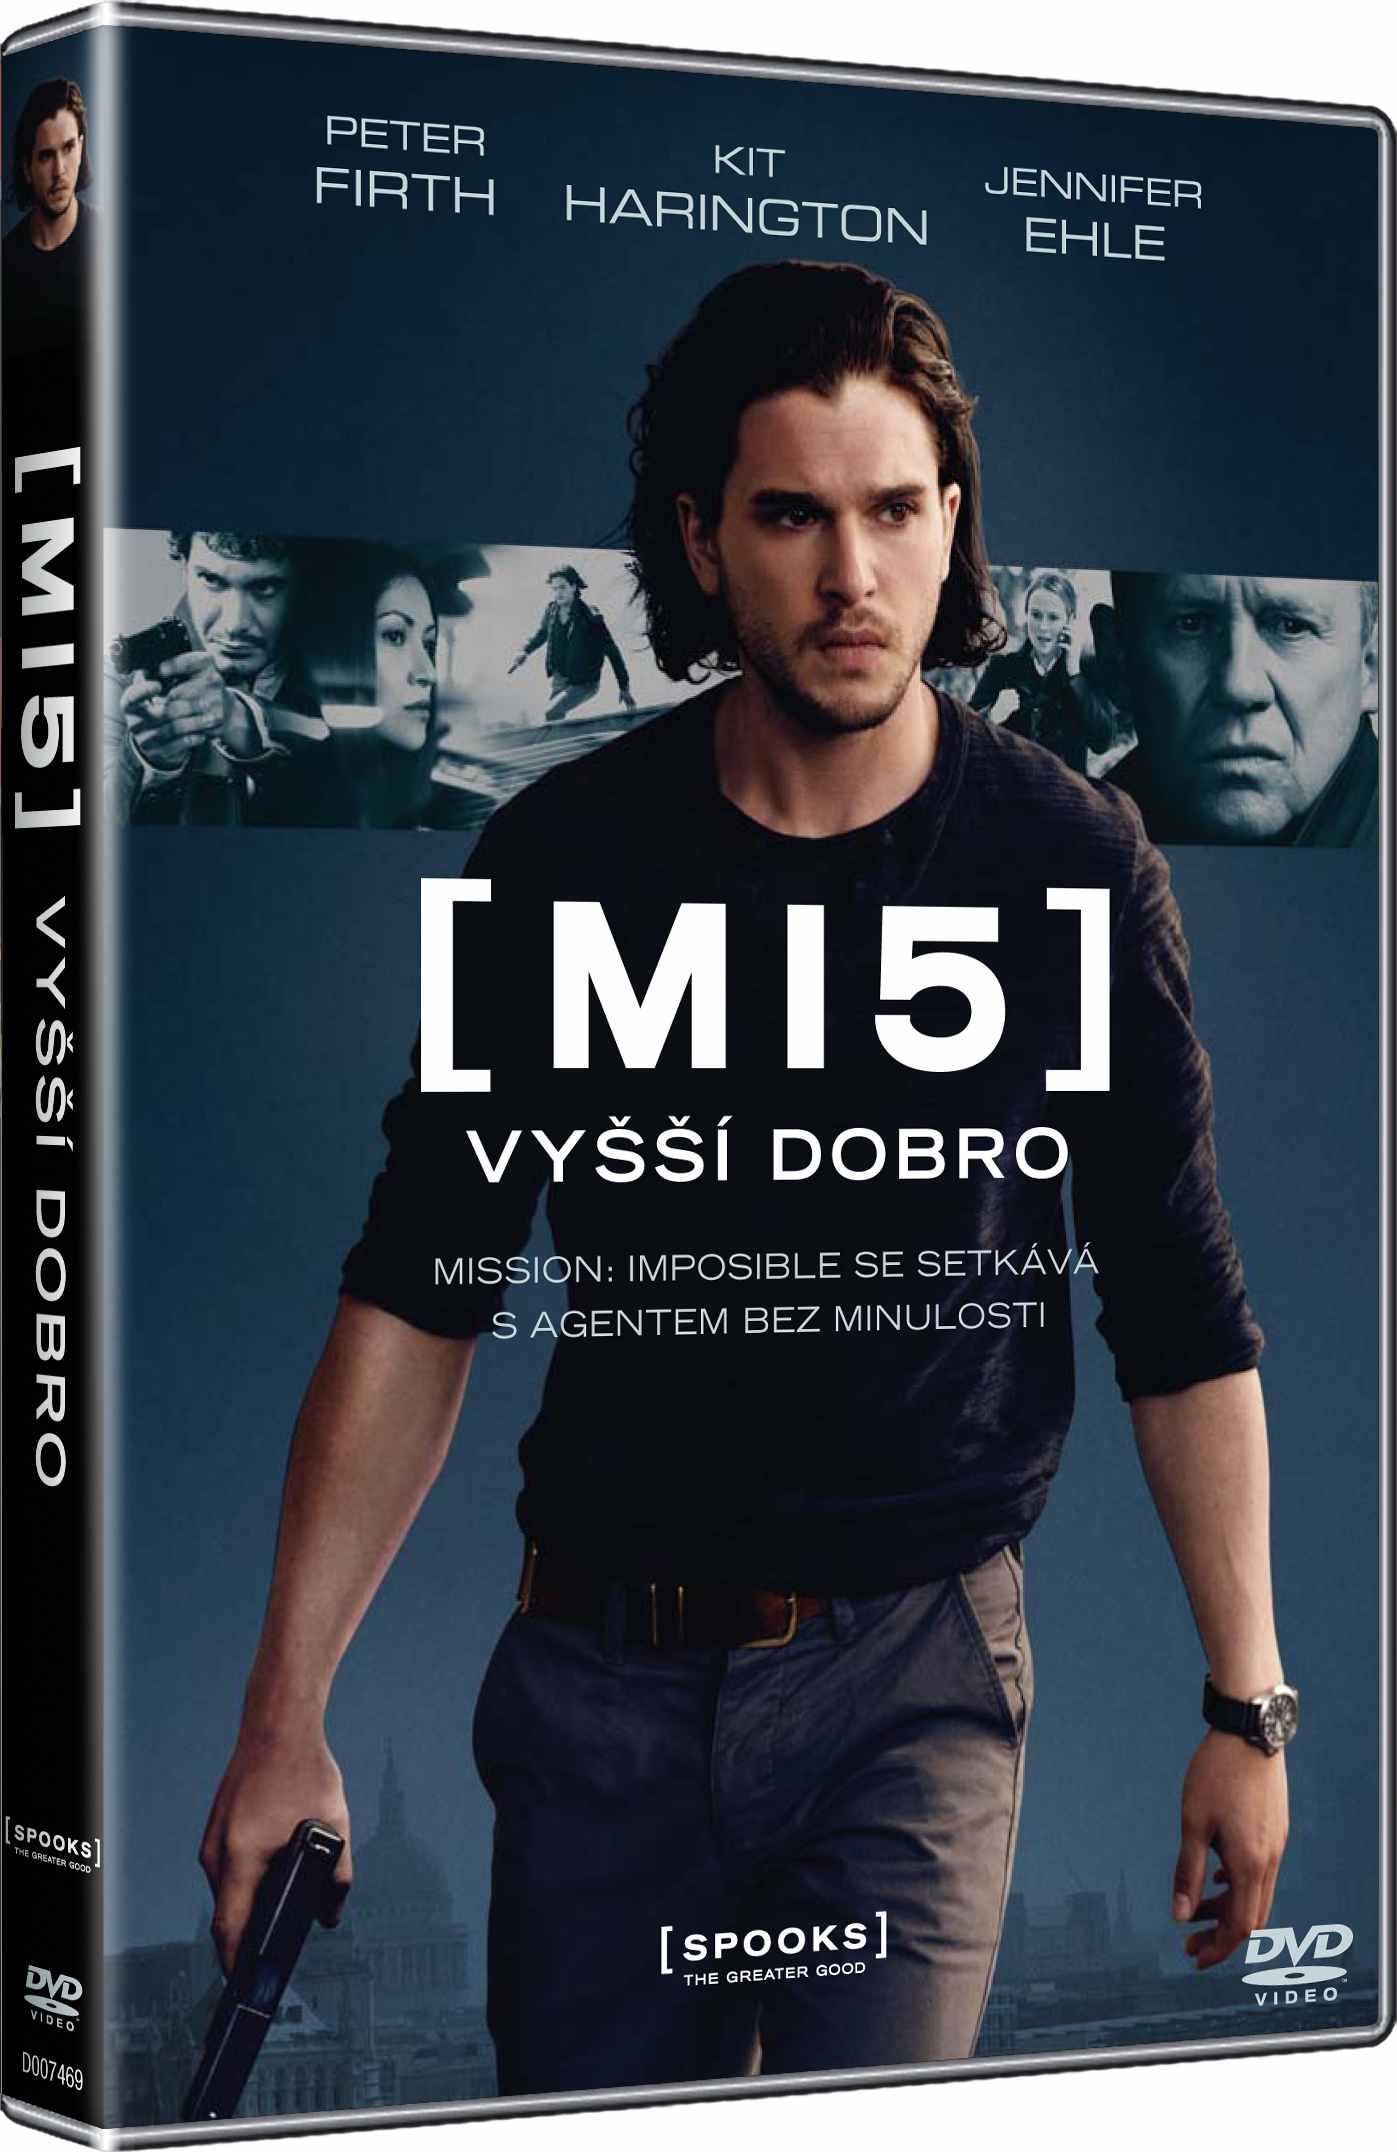 MI-5: VYŠŠÍ DOBRO - DVD